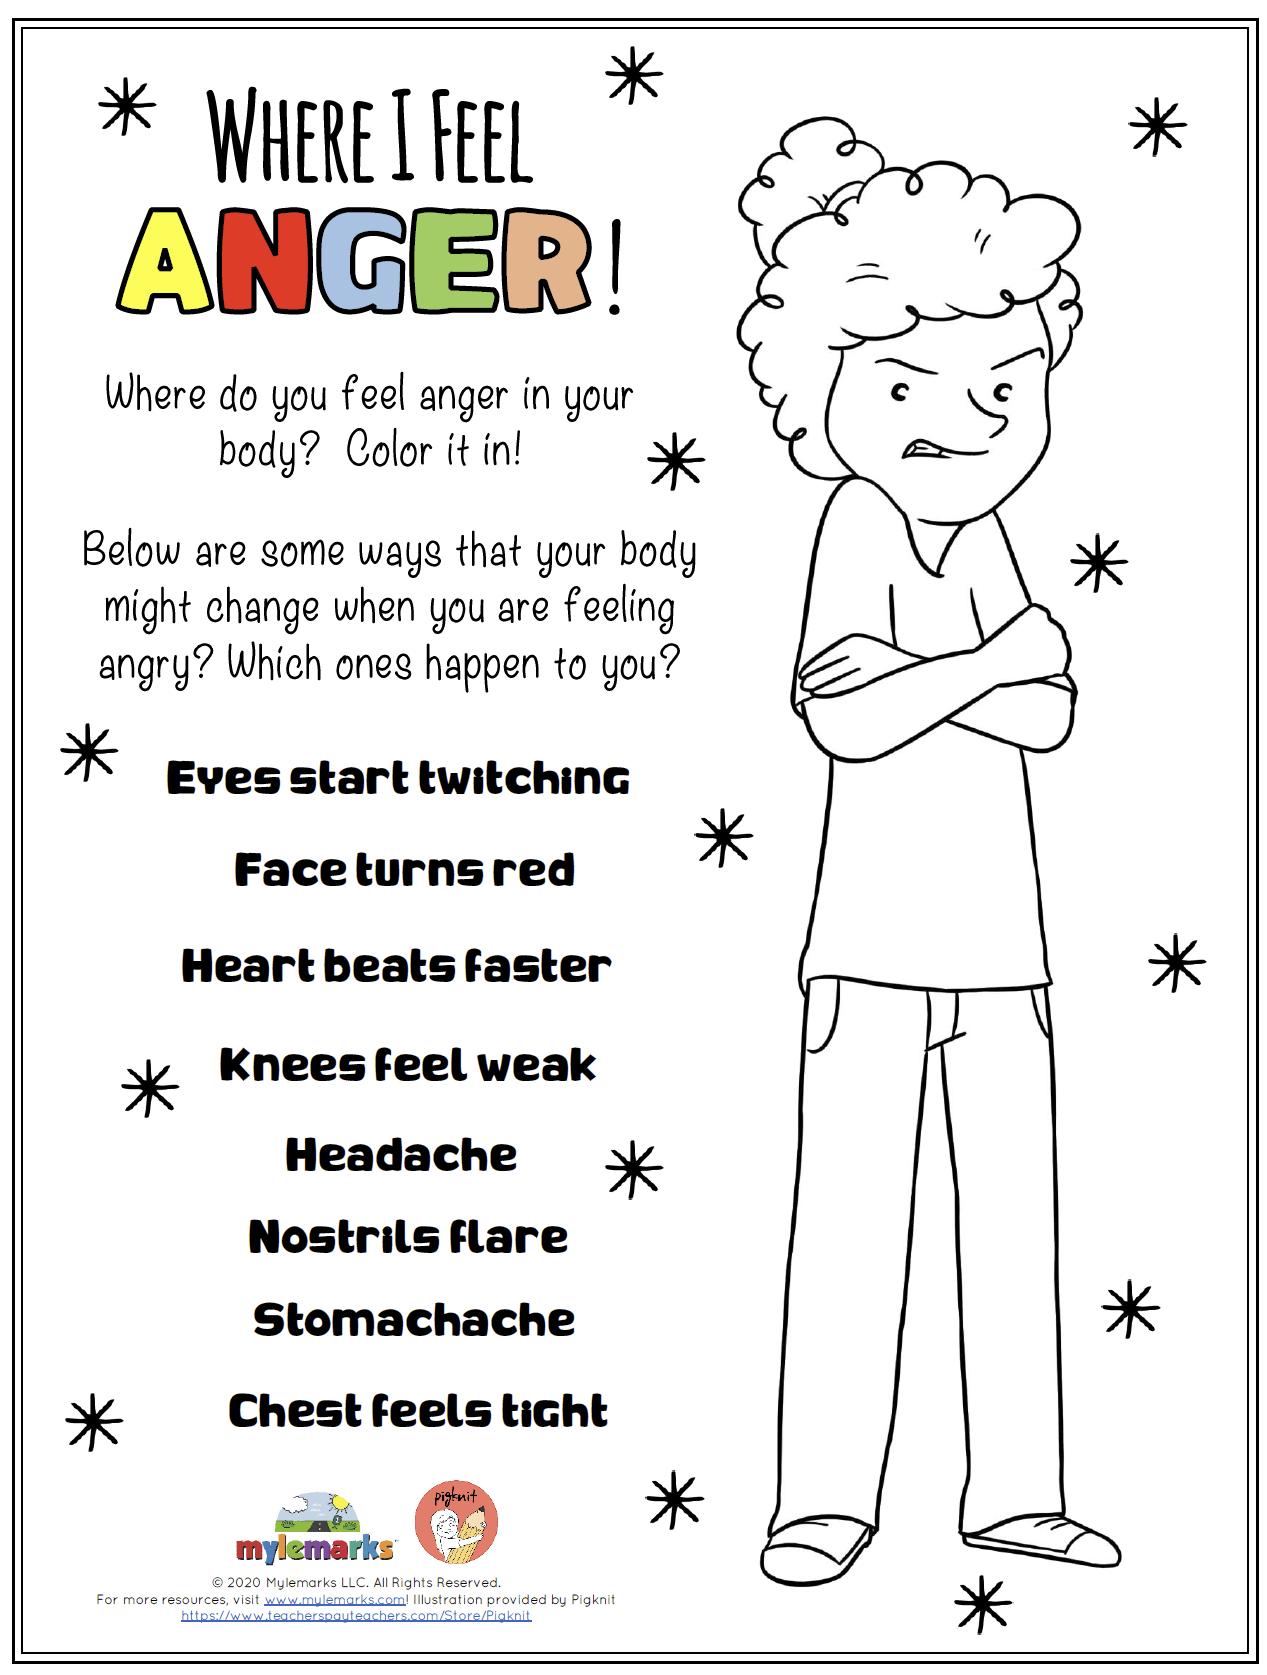 Where I Feel Anger